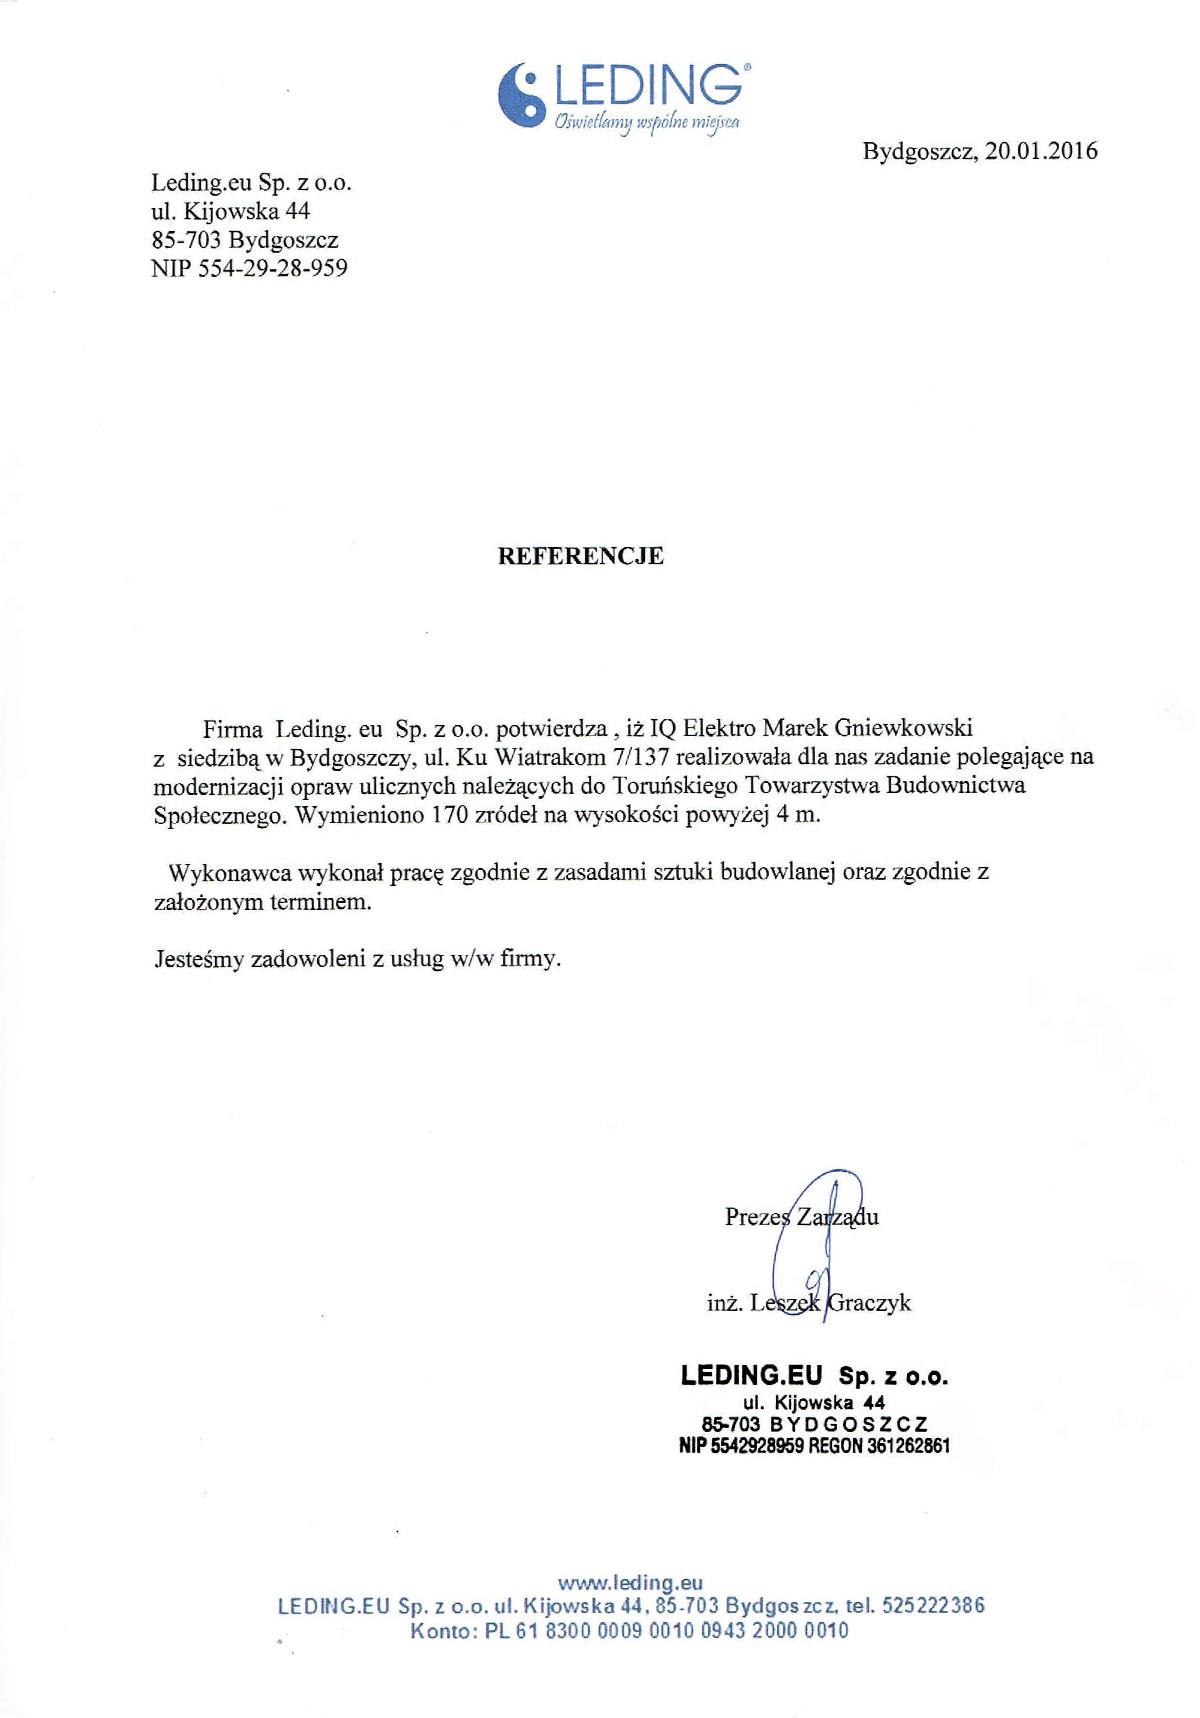 referencje_leding_eu